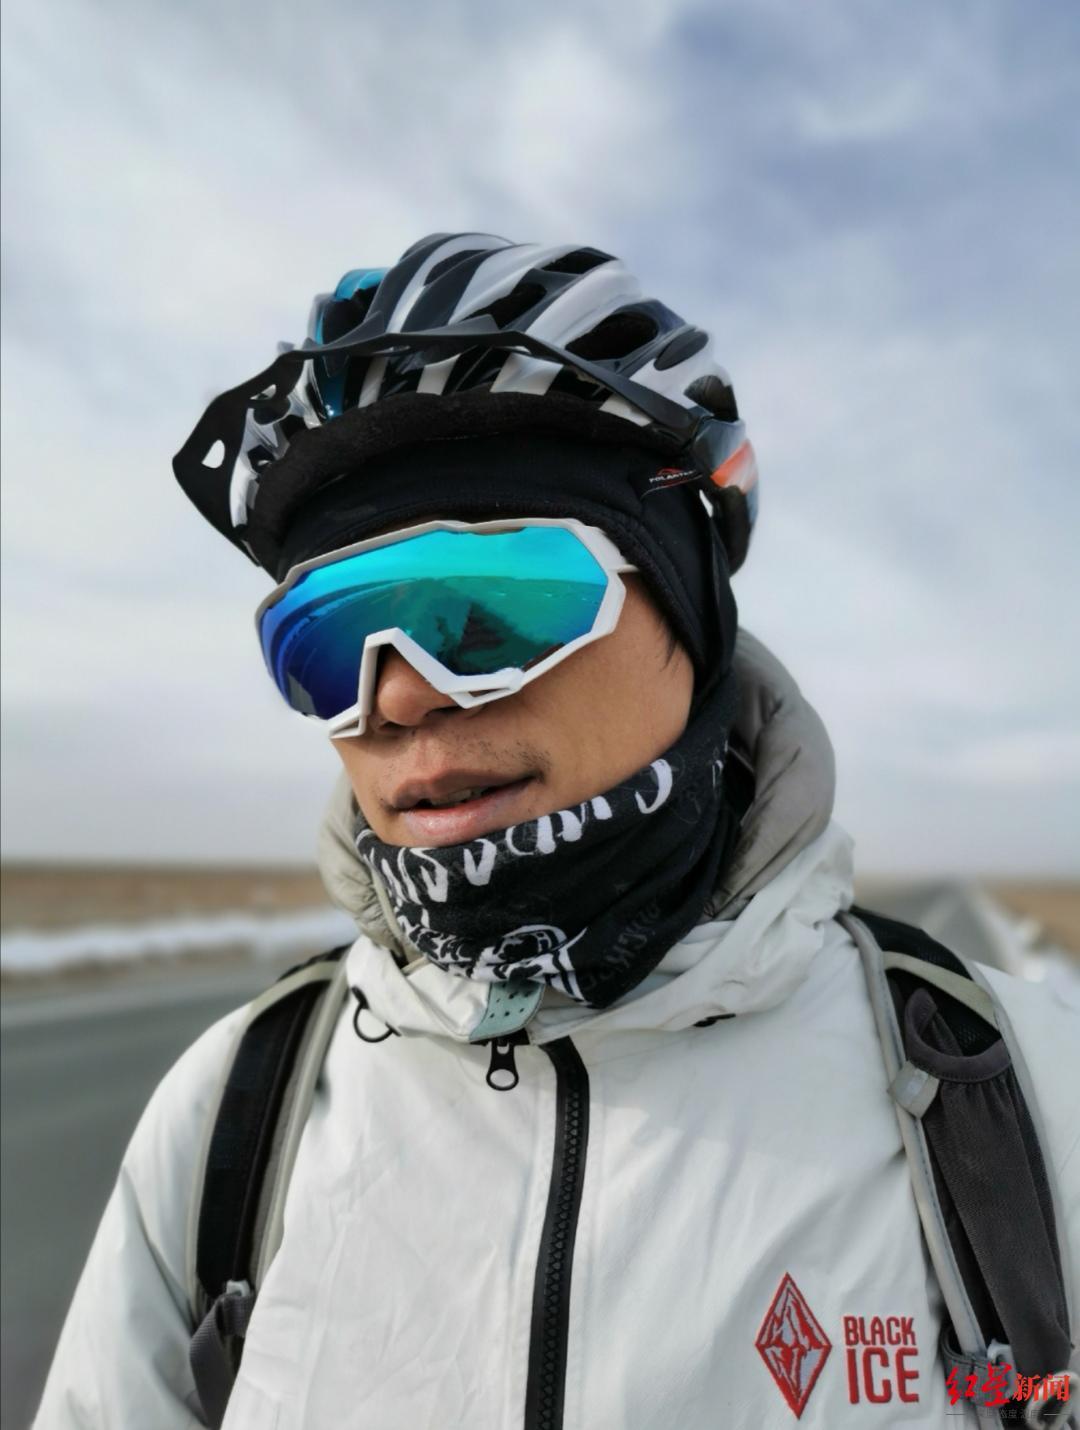 四川小伙挑战轮滑吉尼斯世界纪录 因疫情困在阿尔巴尼亚4个多